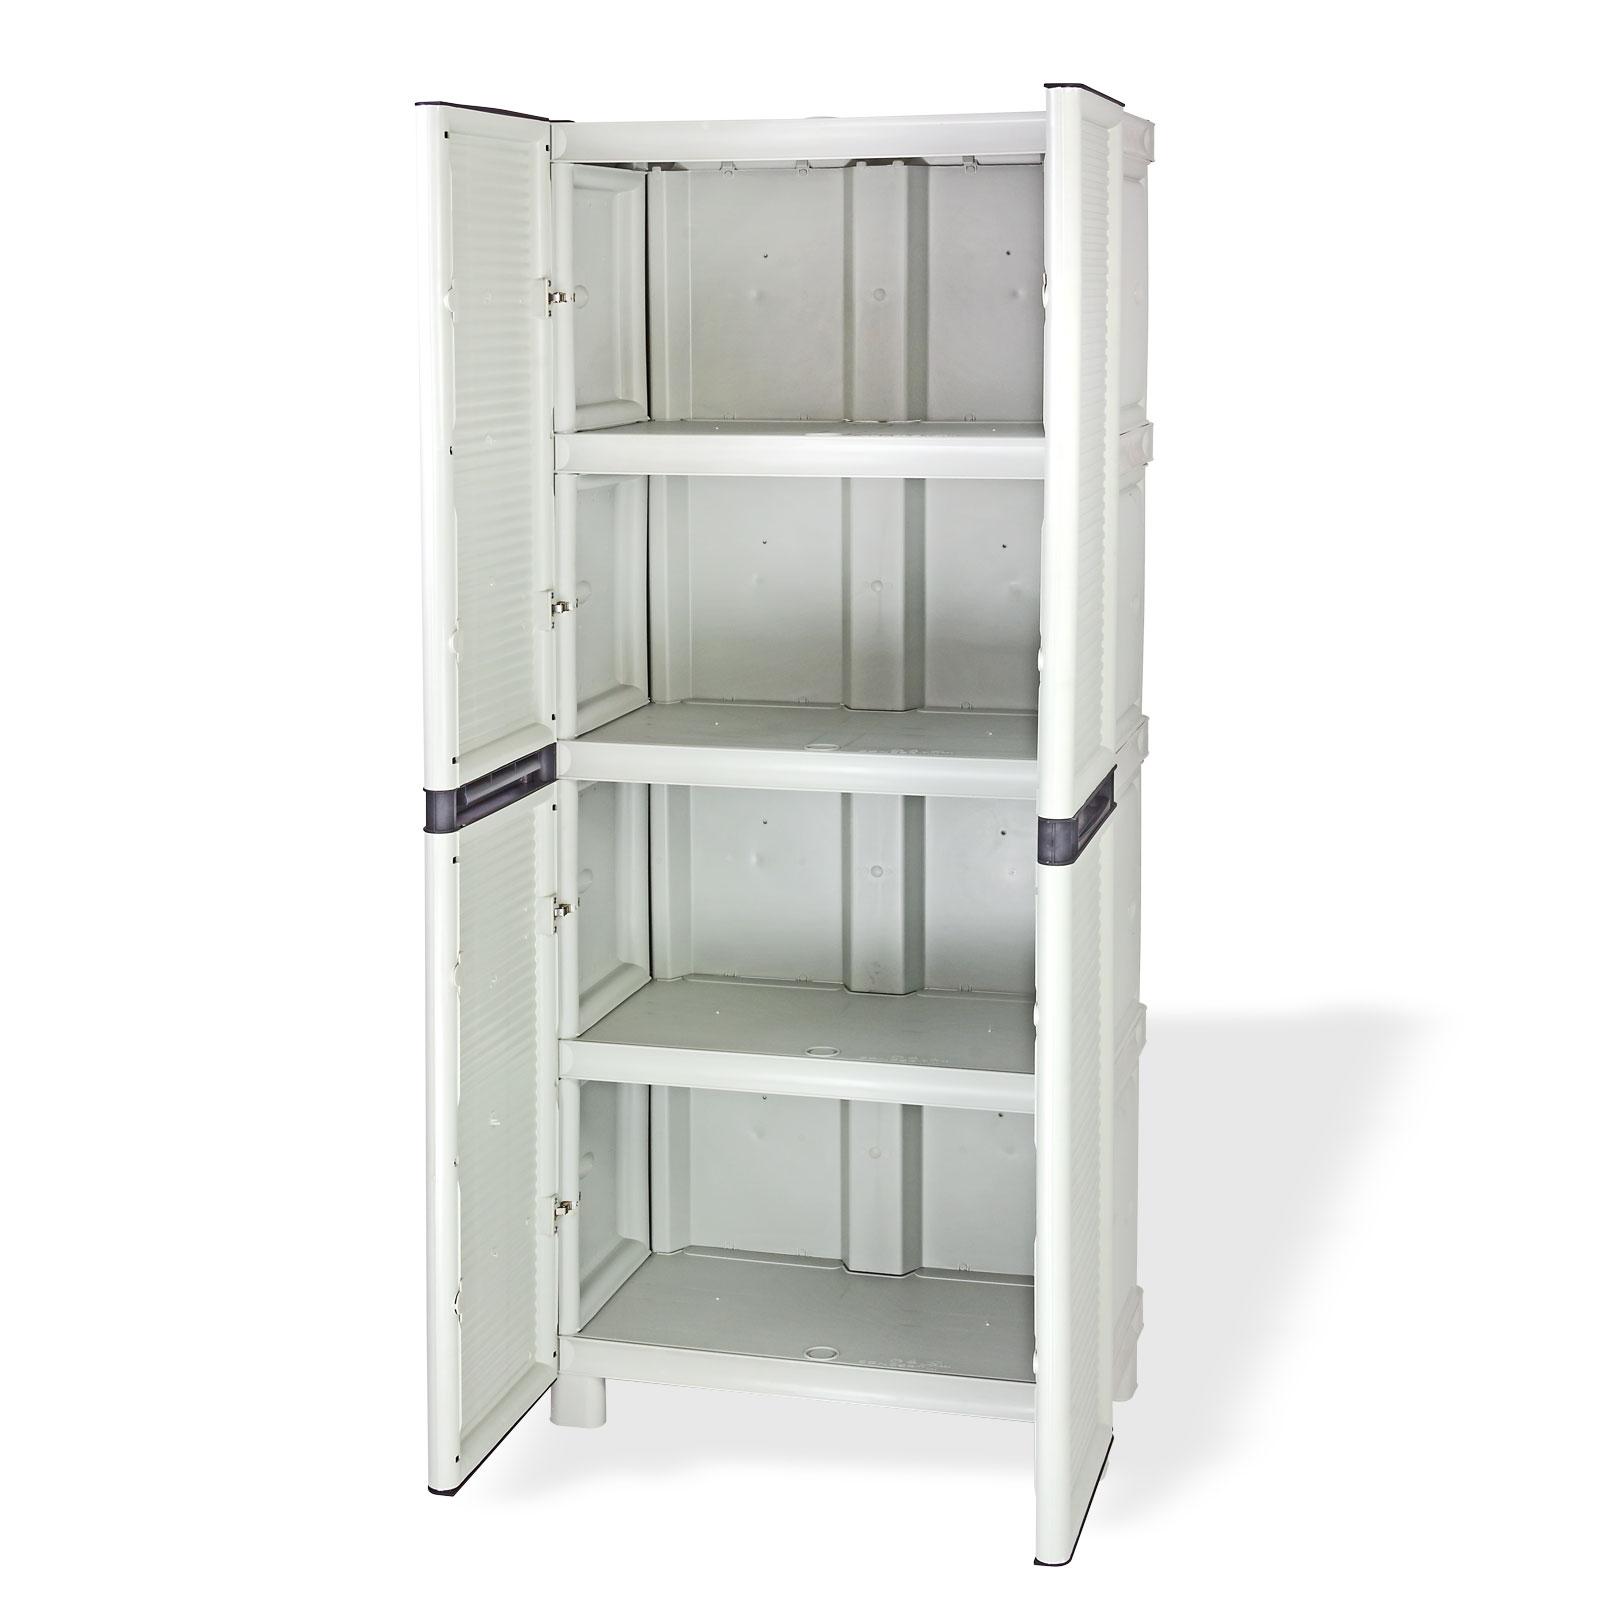 kunststoff schrank kellerschrank spind neu ovp 10128 ebay. Black Bedroom Furniture Sets. Home Design Ideas